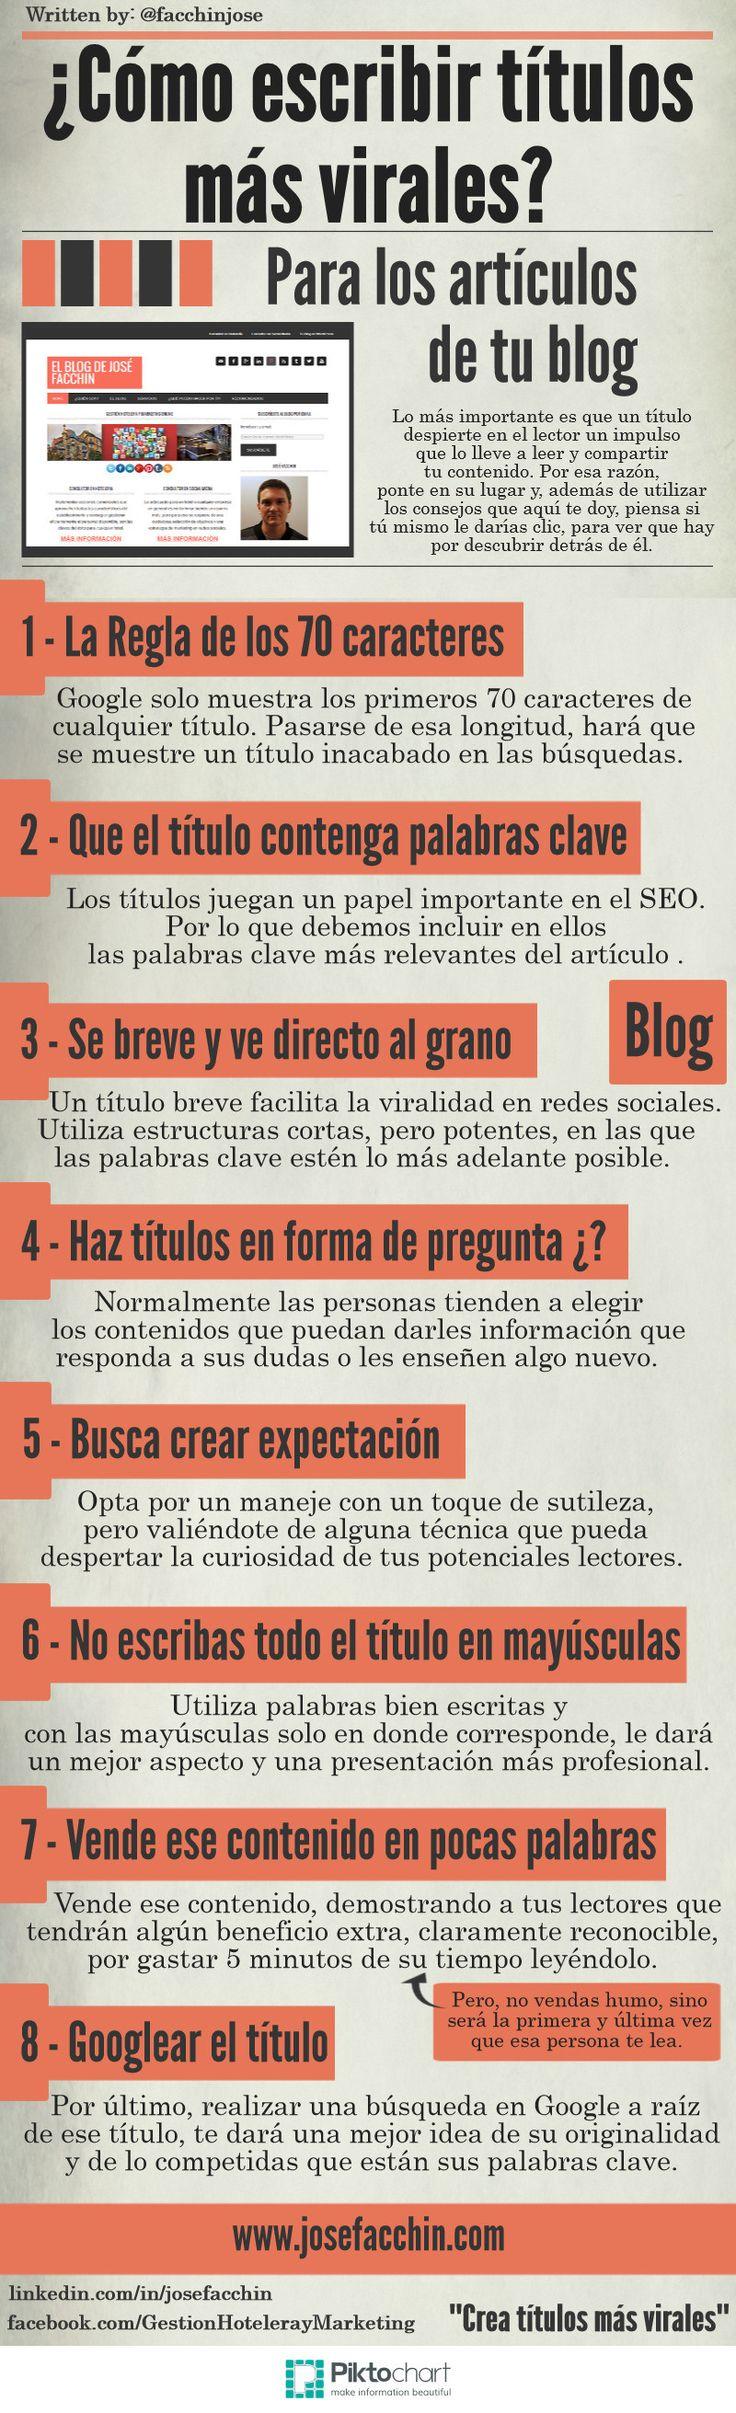 ¿Cómo escribir títulos más virales para los artículos de tu blog? vía José Facchin